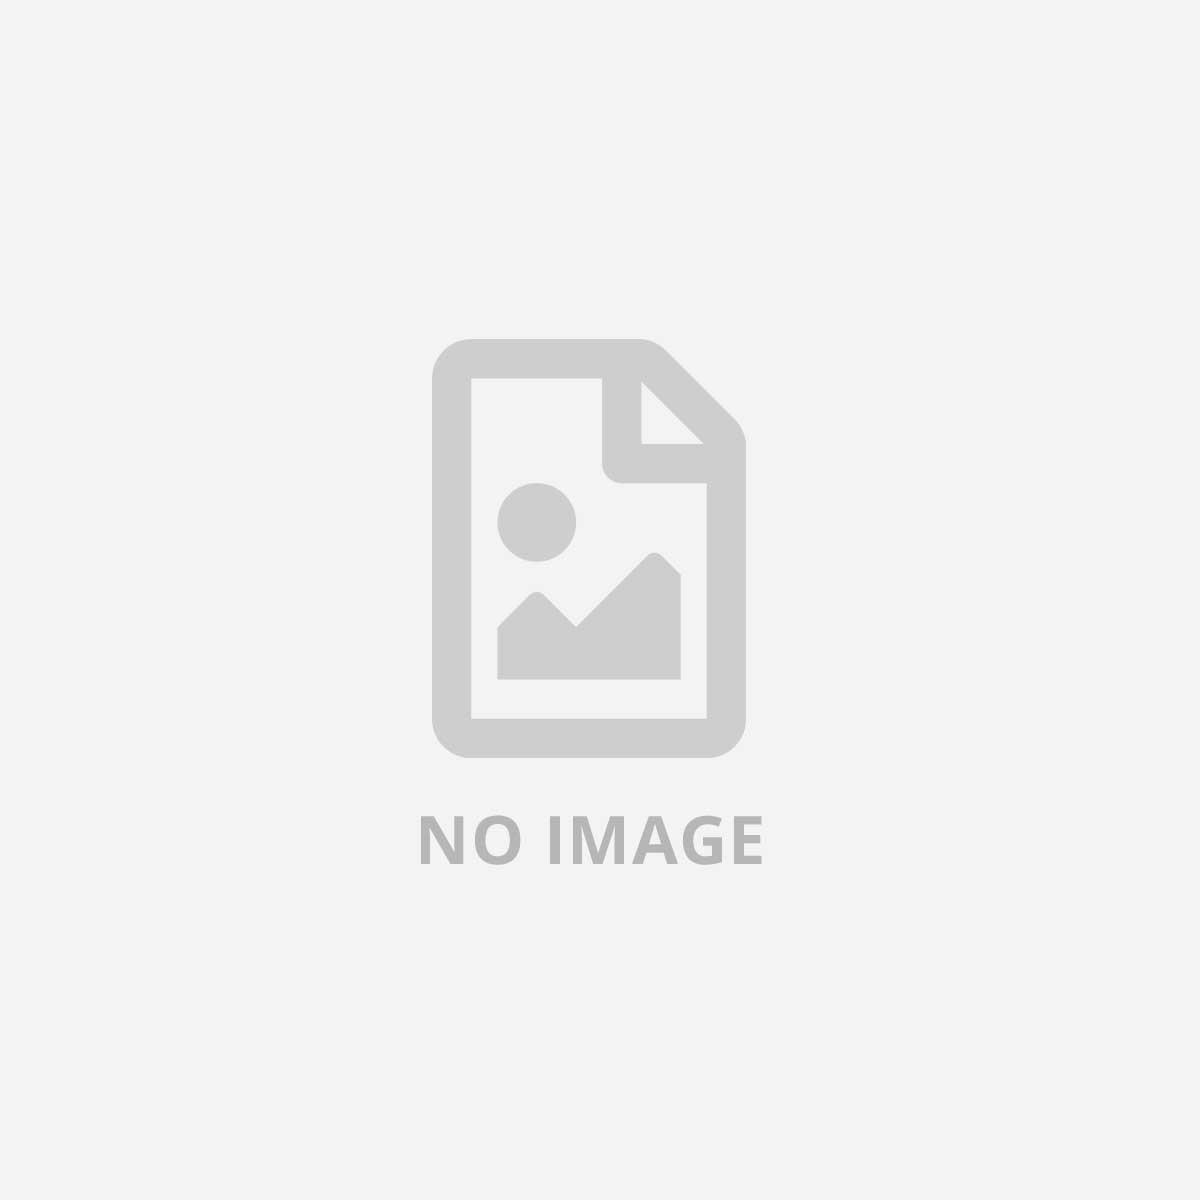 SMART TECH 32 HD DVBT2/C/S2